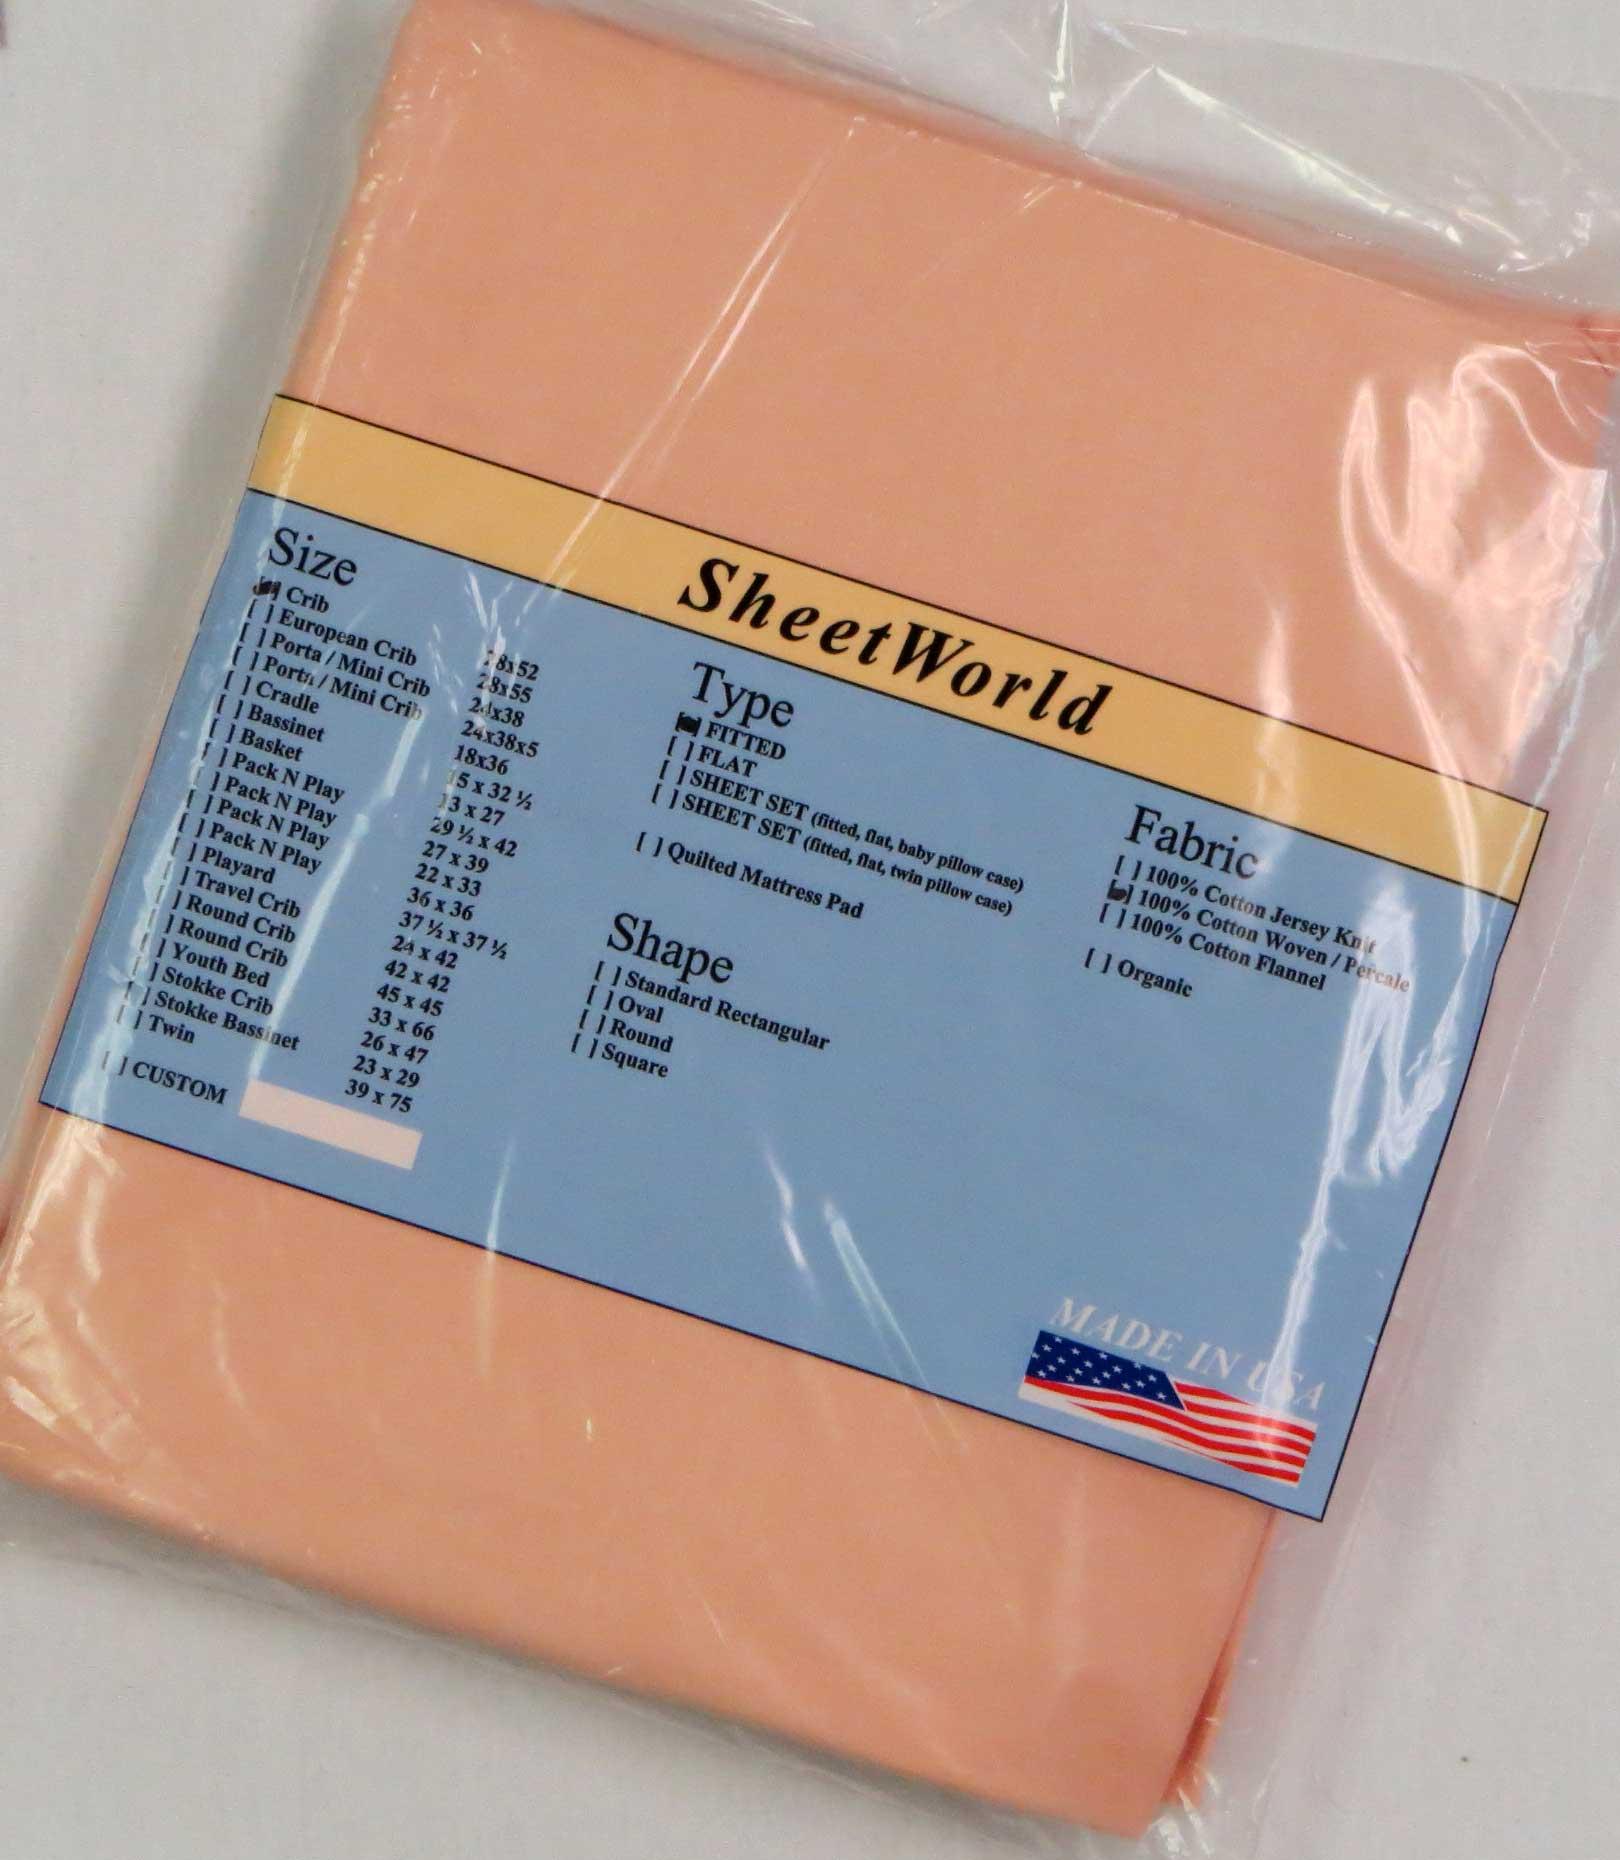 Solid Peach Cotton Crib Sheet - 28 x 52